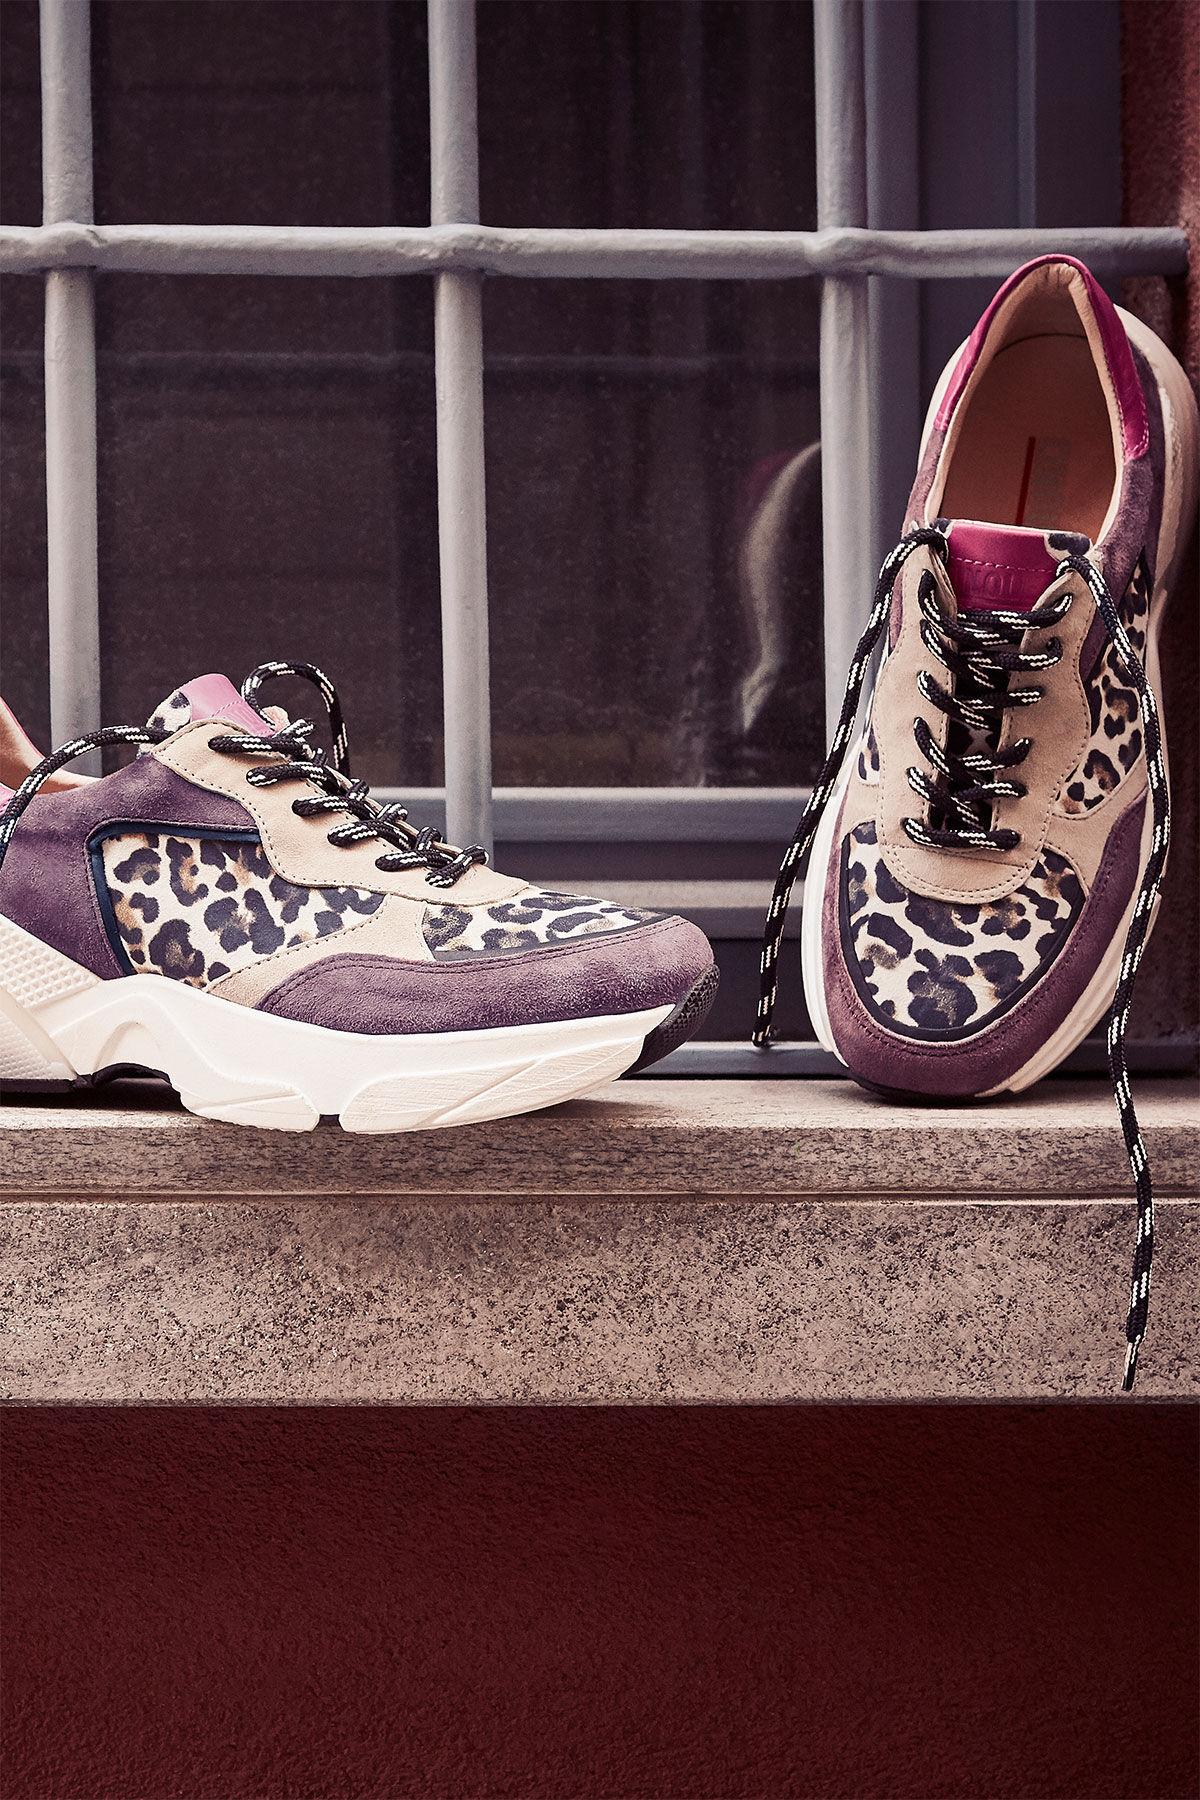 Nine West: #Cinque #shoes   Heels, Women shoes, Beautiful